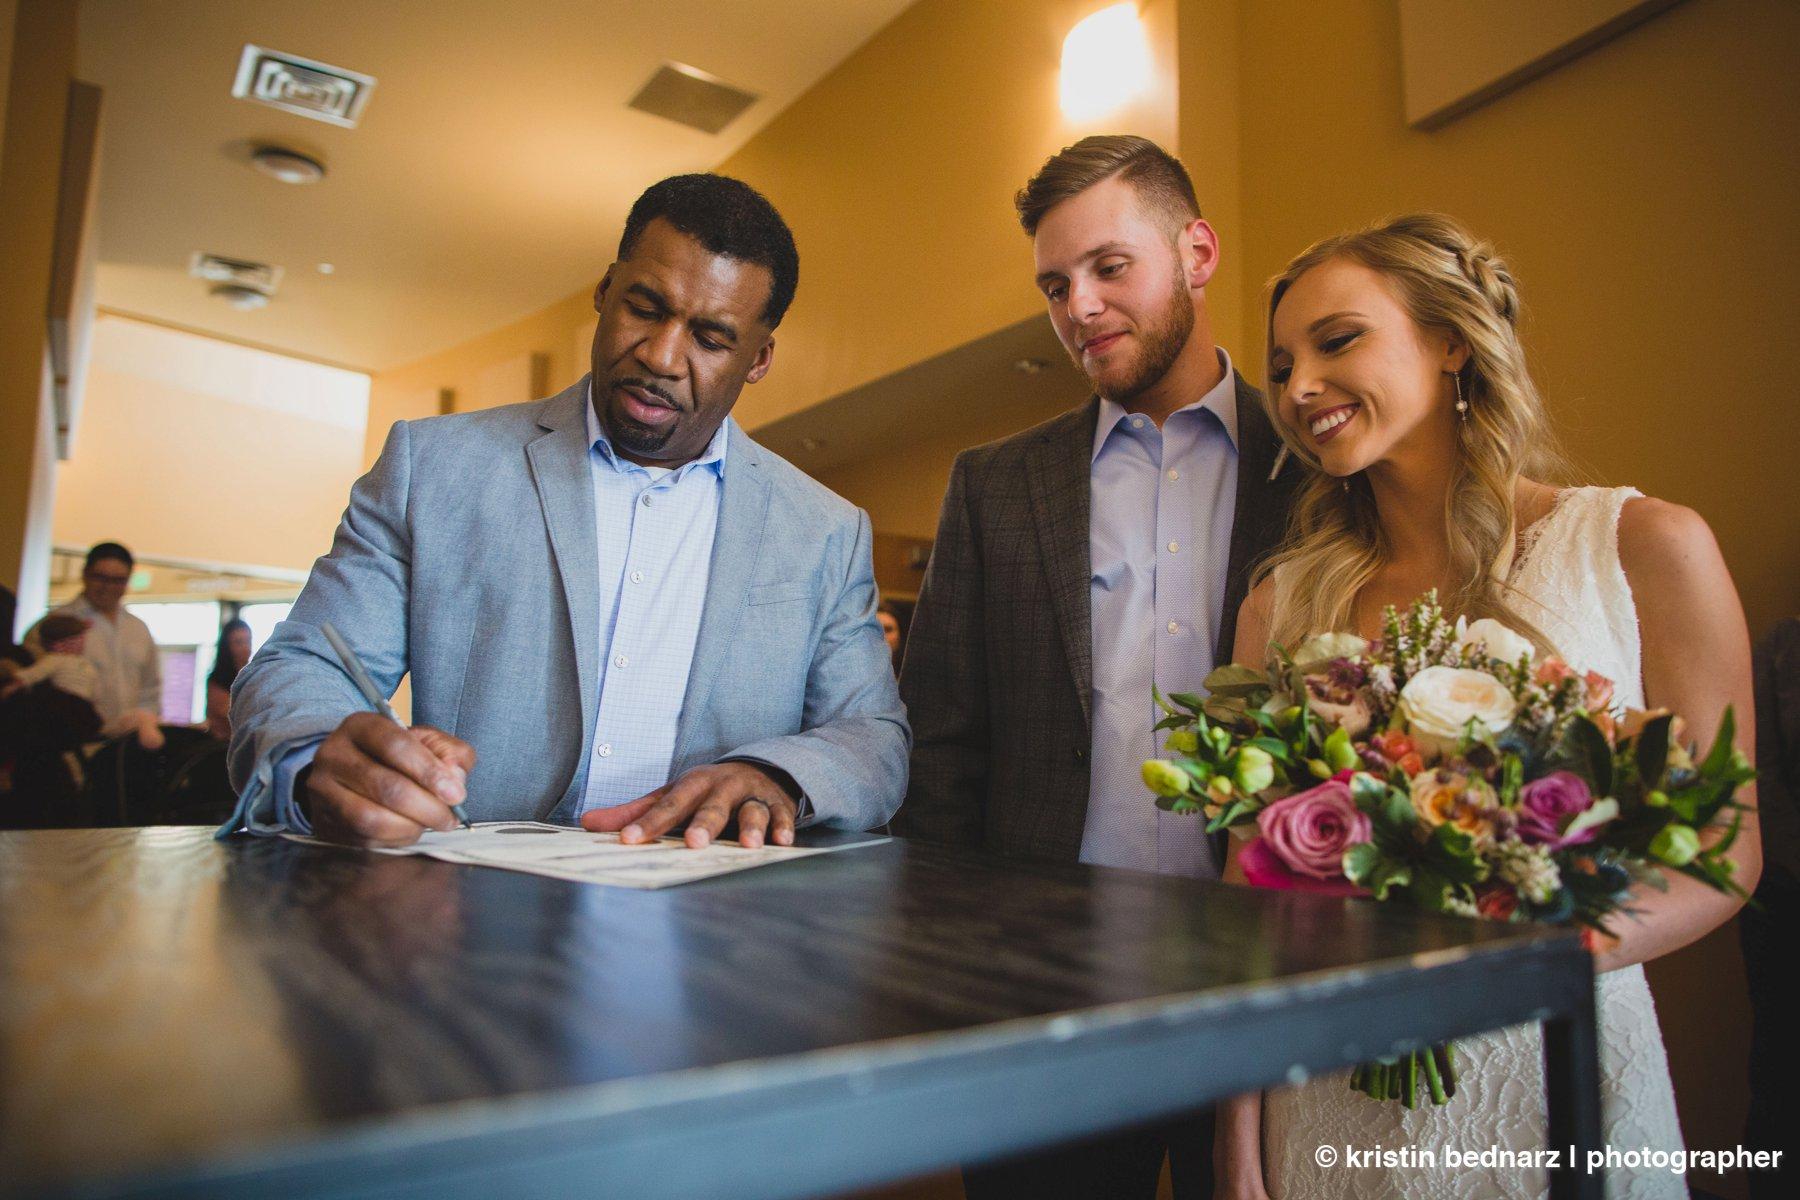 kristin_bednarz_wedding_photographer_20190214_00054sneak_peek.JPG